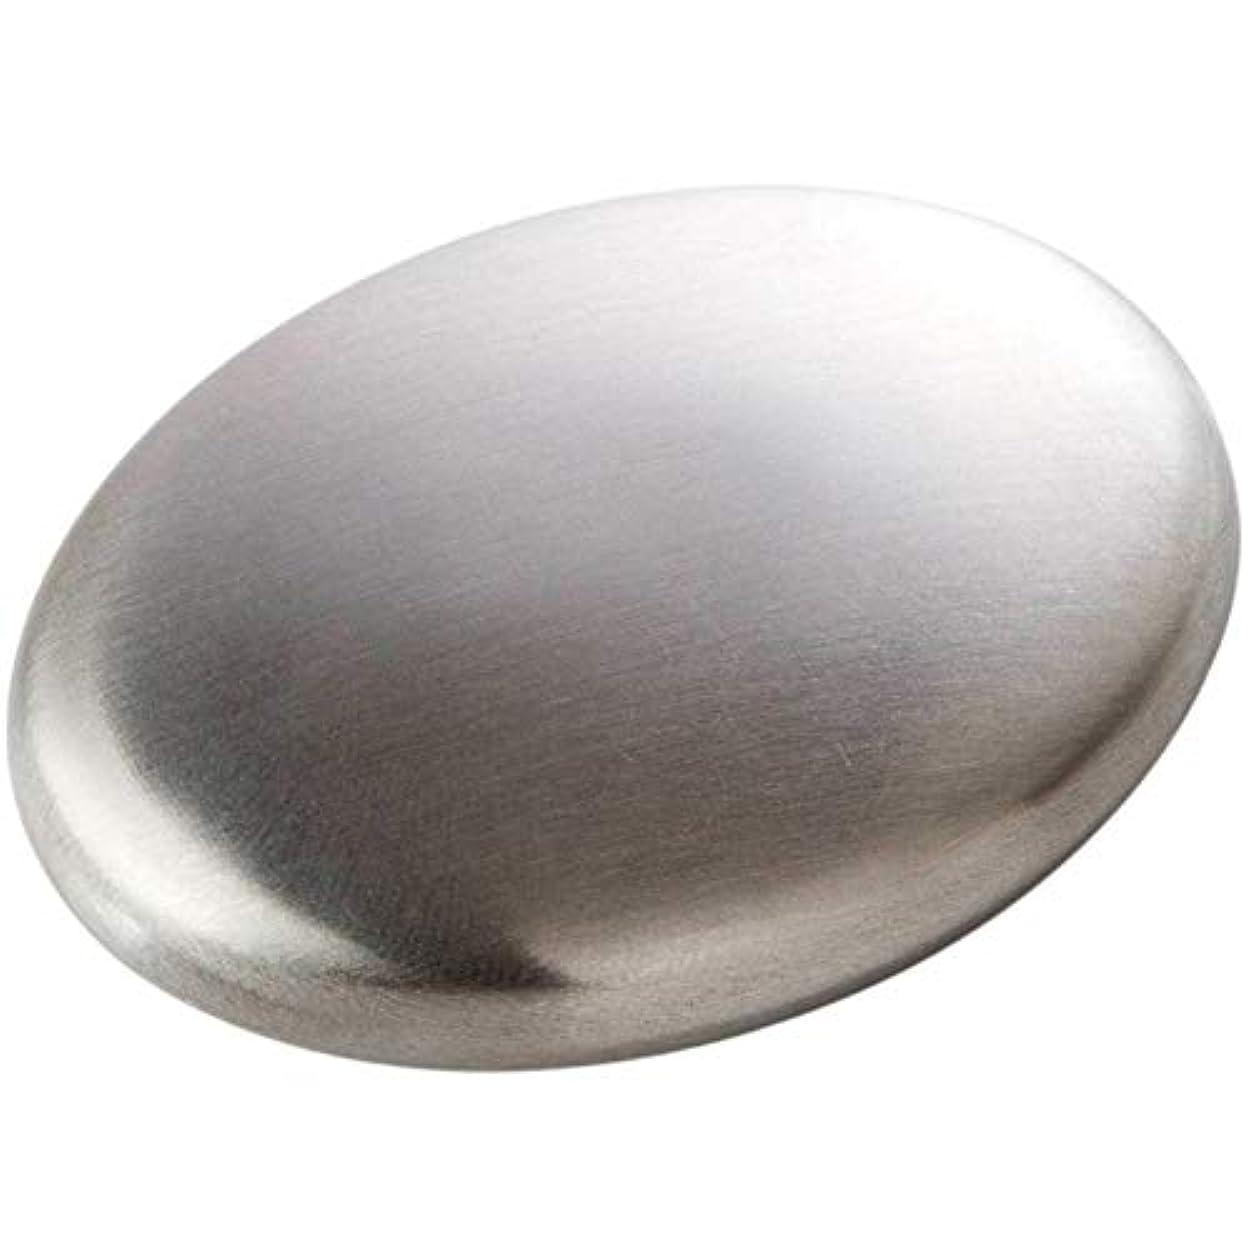 チップアラブ人恒久的せっけん ステンレス鋼 消臭 石鹸 にんにくと魚のような臭いを取り除き ステンレス鋼 臭気除去剤 匂い除去剤 最新型 人気 実用的 Cutelove